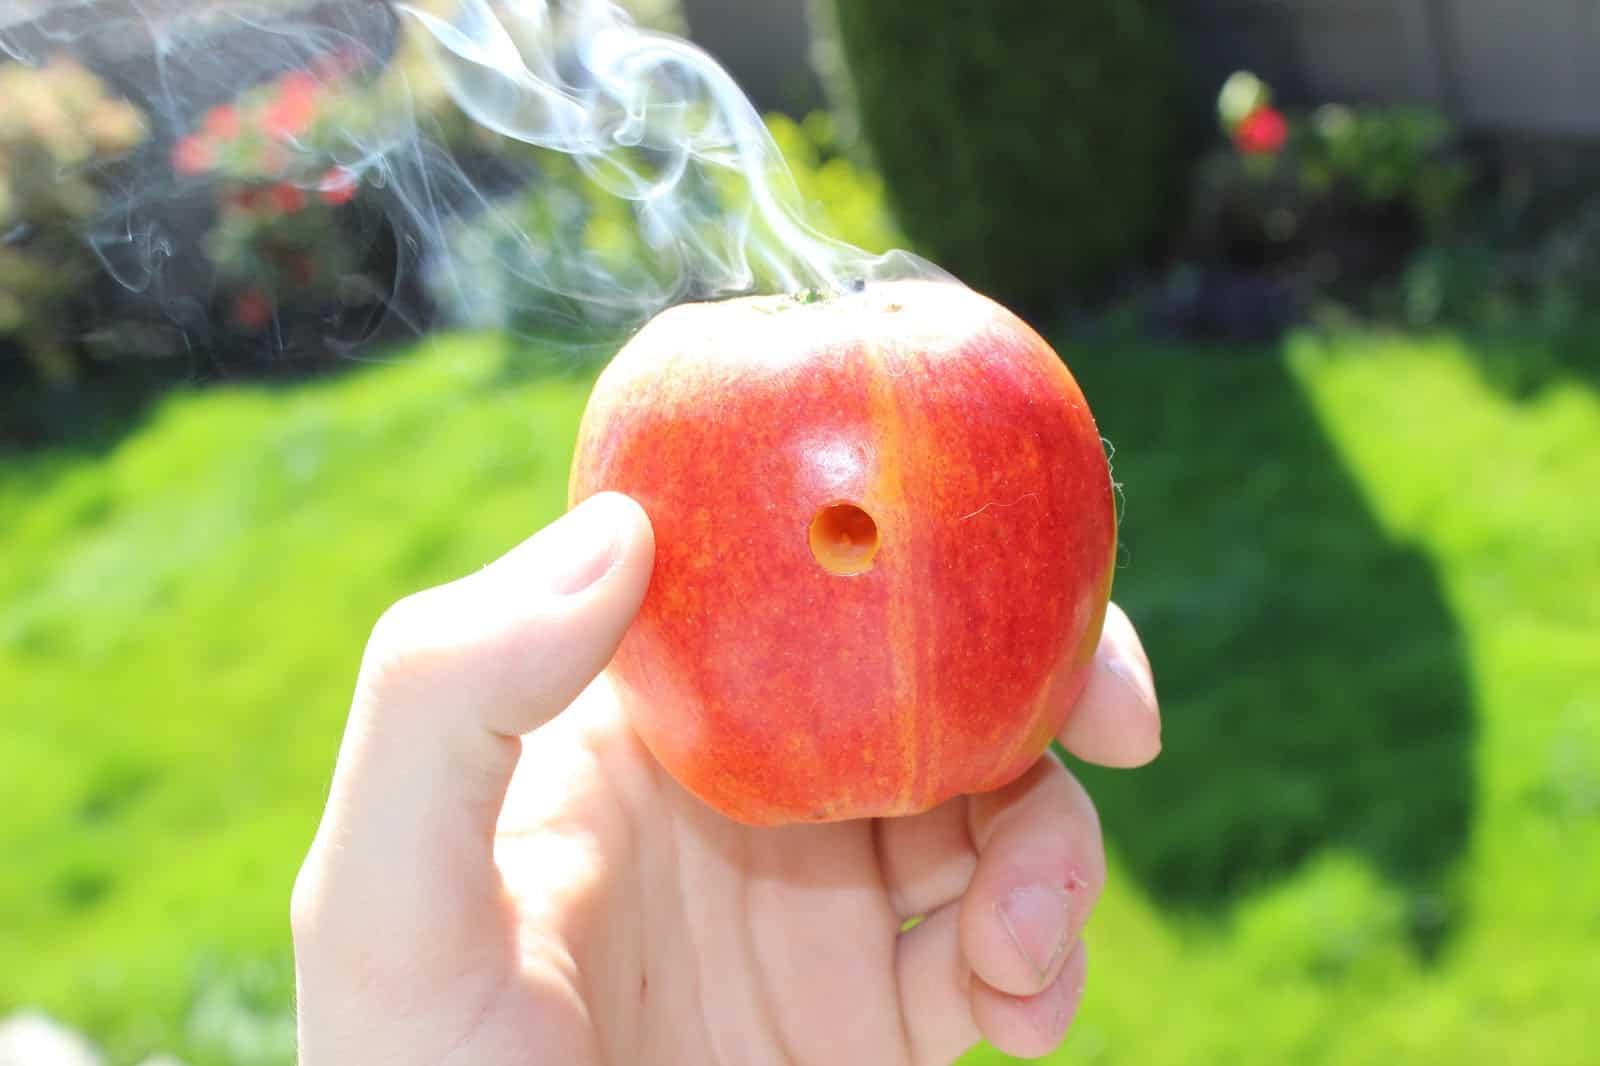 りんごを使って吸う!?【アップルパイプ】の作り方~煙草・大麻に~